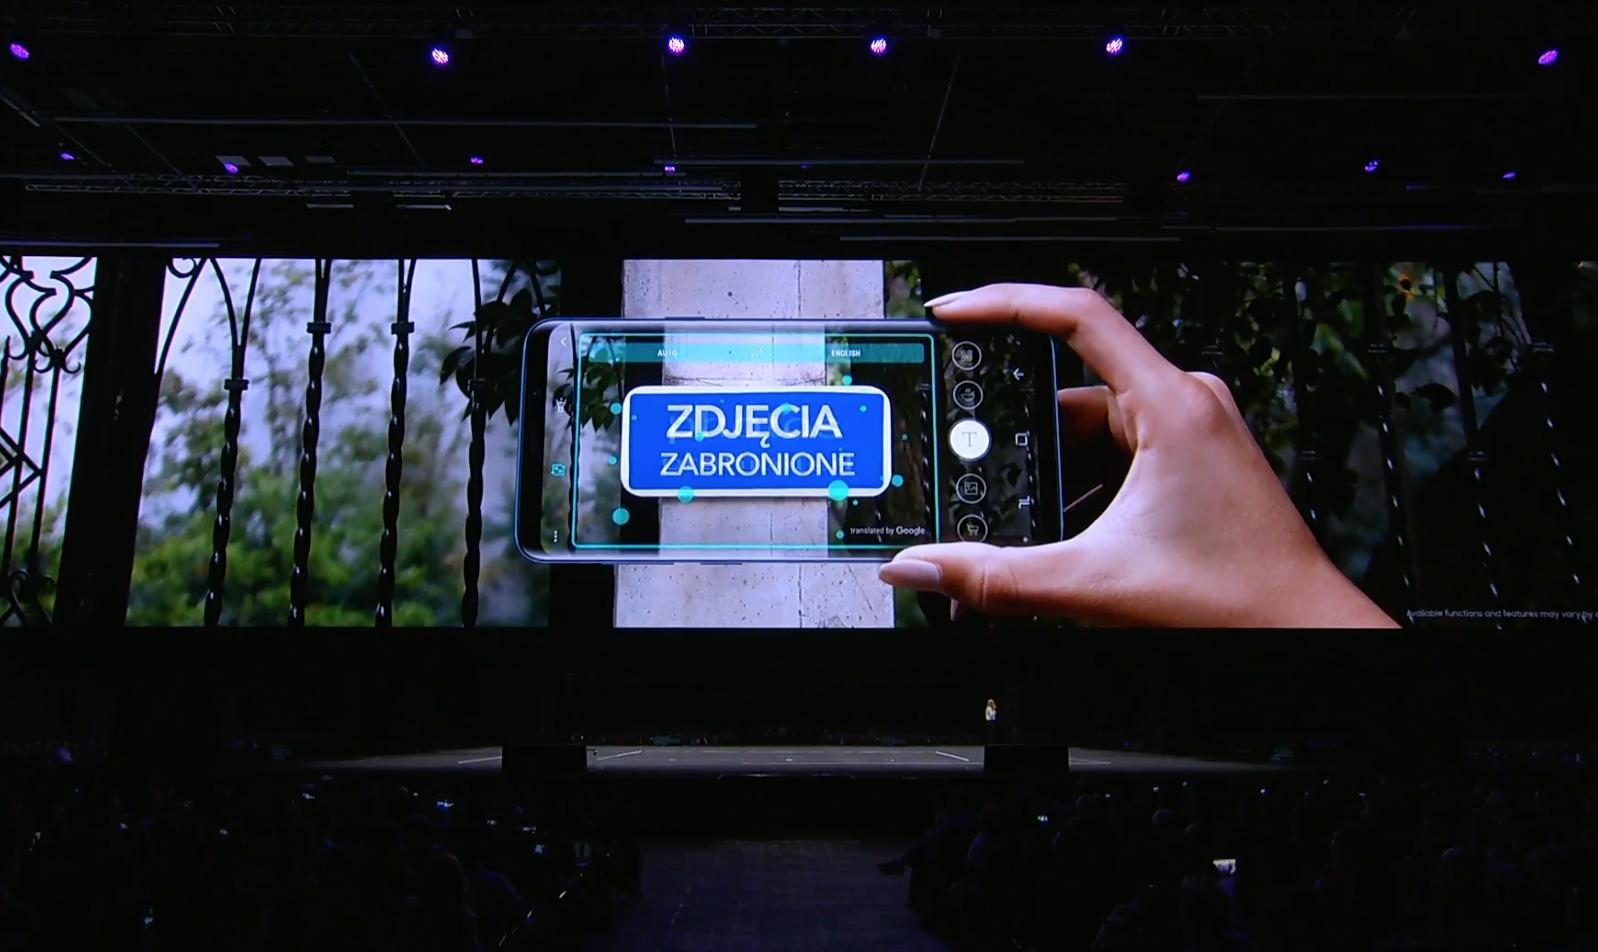 Bộ đôi Galaxy S9 và S9+ chính thức ra mắt: camera có thể thay đổi khẩu độ, quay video siêu chậm 960 khung hình/giây, có thêm màu tím Lilac mới - Ảnh 6.